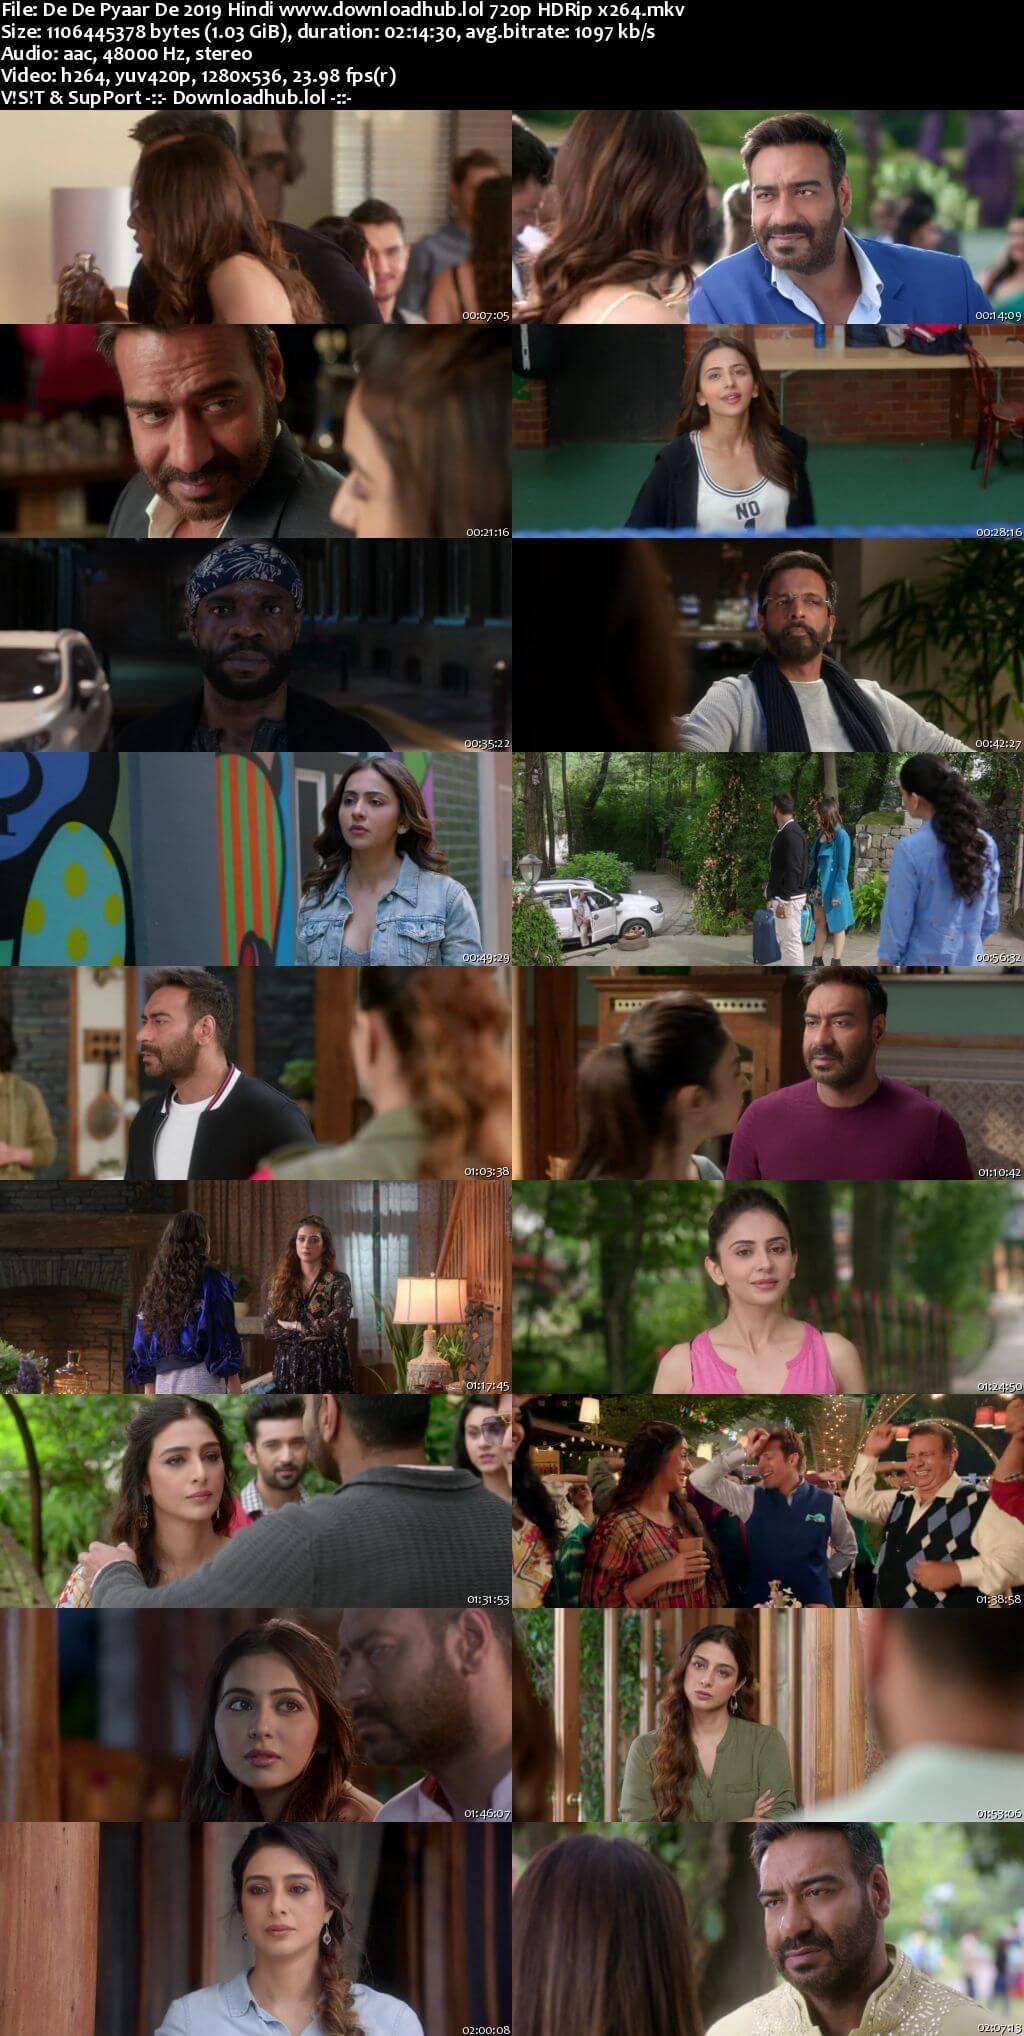 De De Pyaar De 2019 Hindi Movie 720p HDRip Download